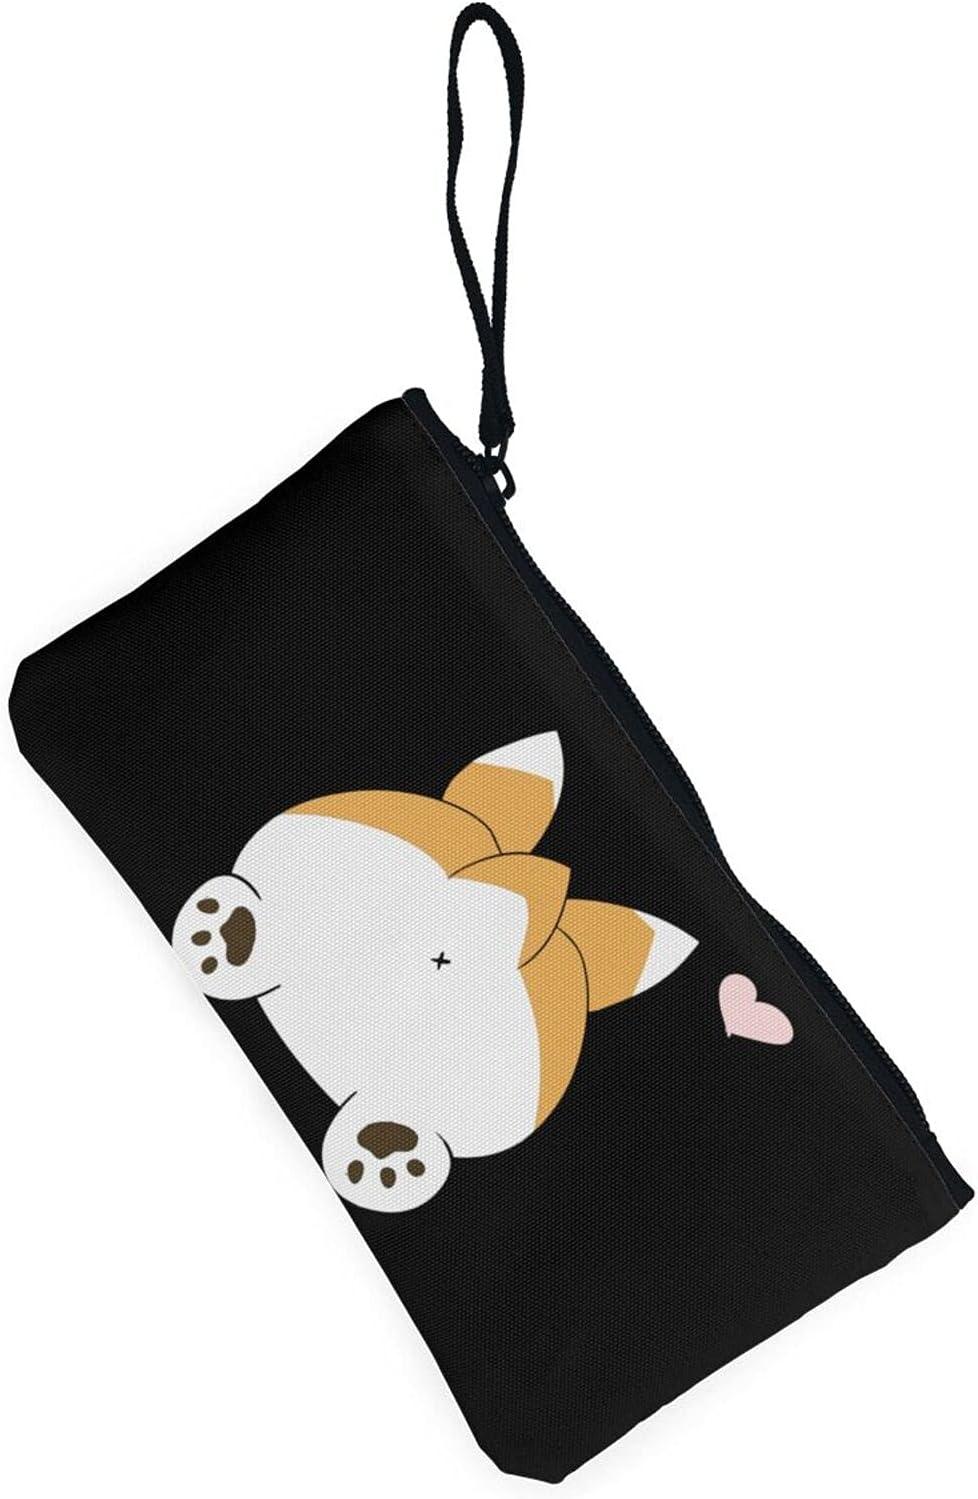 AORRUAM Cute corgi dog butt Canvas Coin Purse,Canvas Zipper Pencil Cases,Canvas Change Purse Pouch Mini Wallet Coin Bag